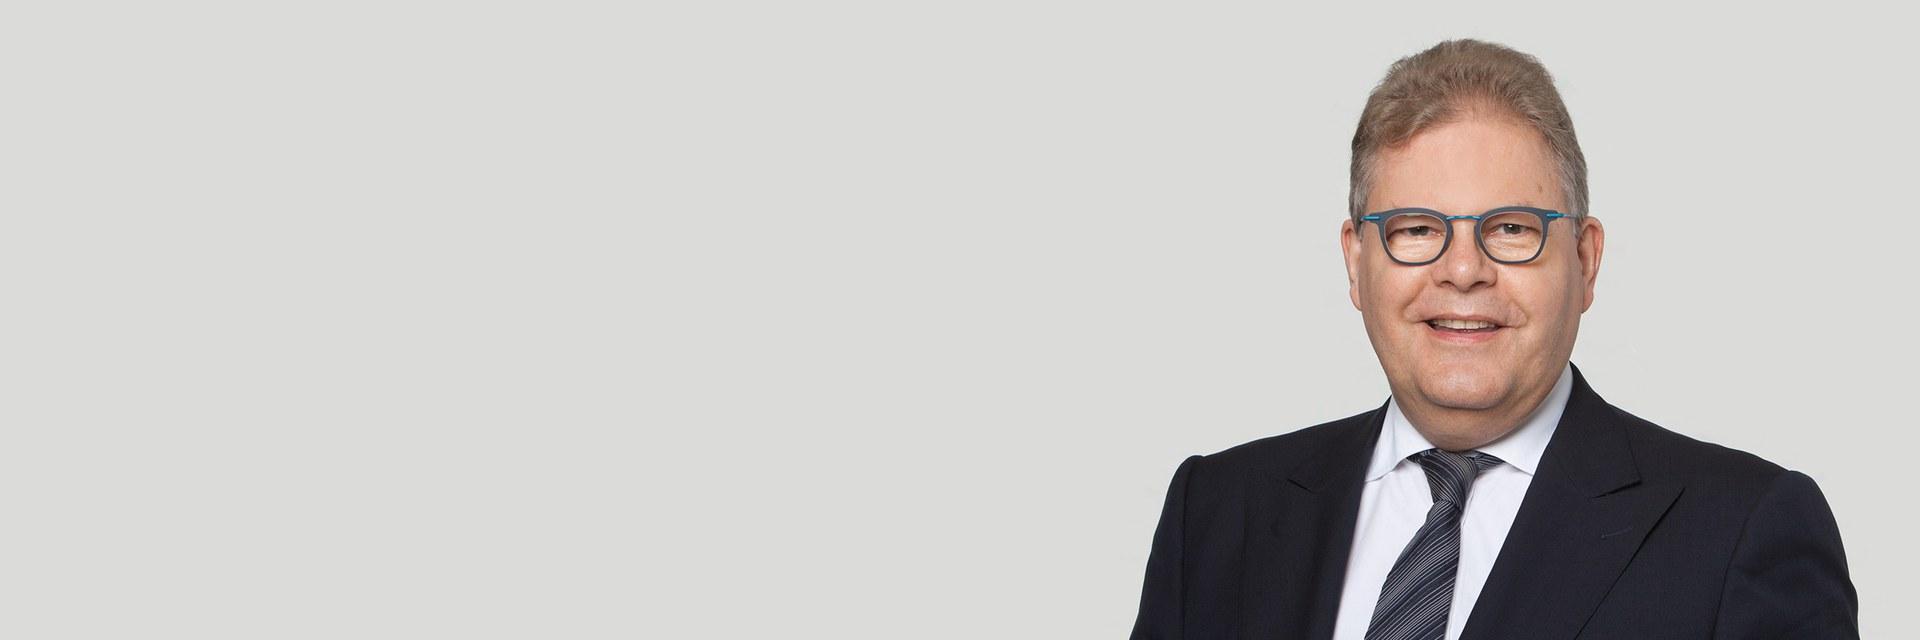 Prof. Dr. Rolf-Dieter Reineke